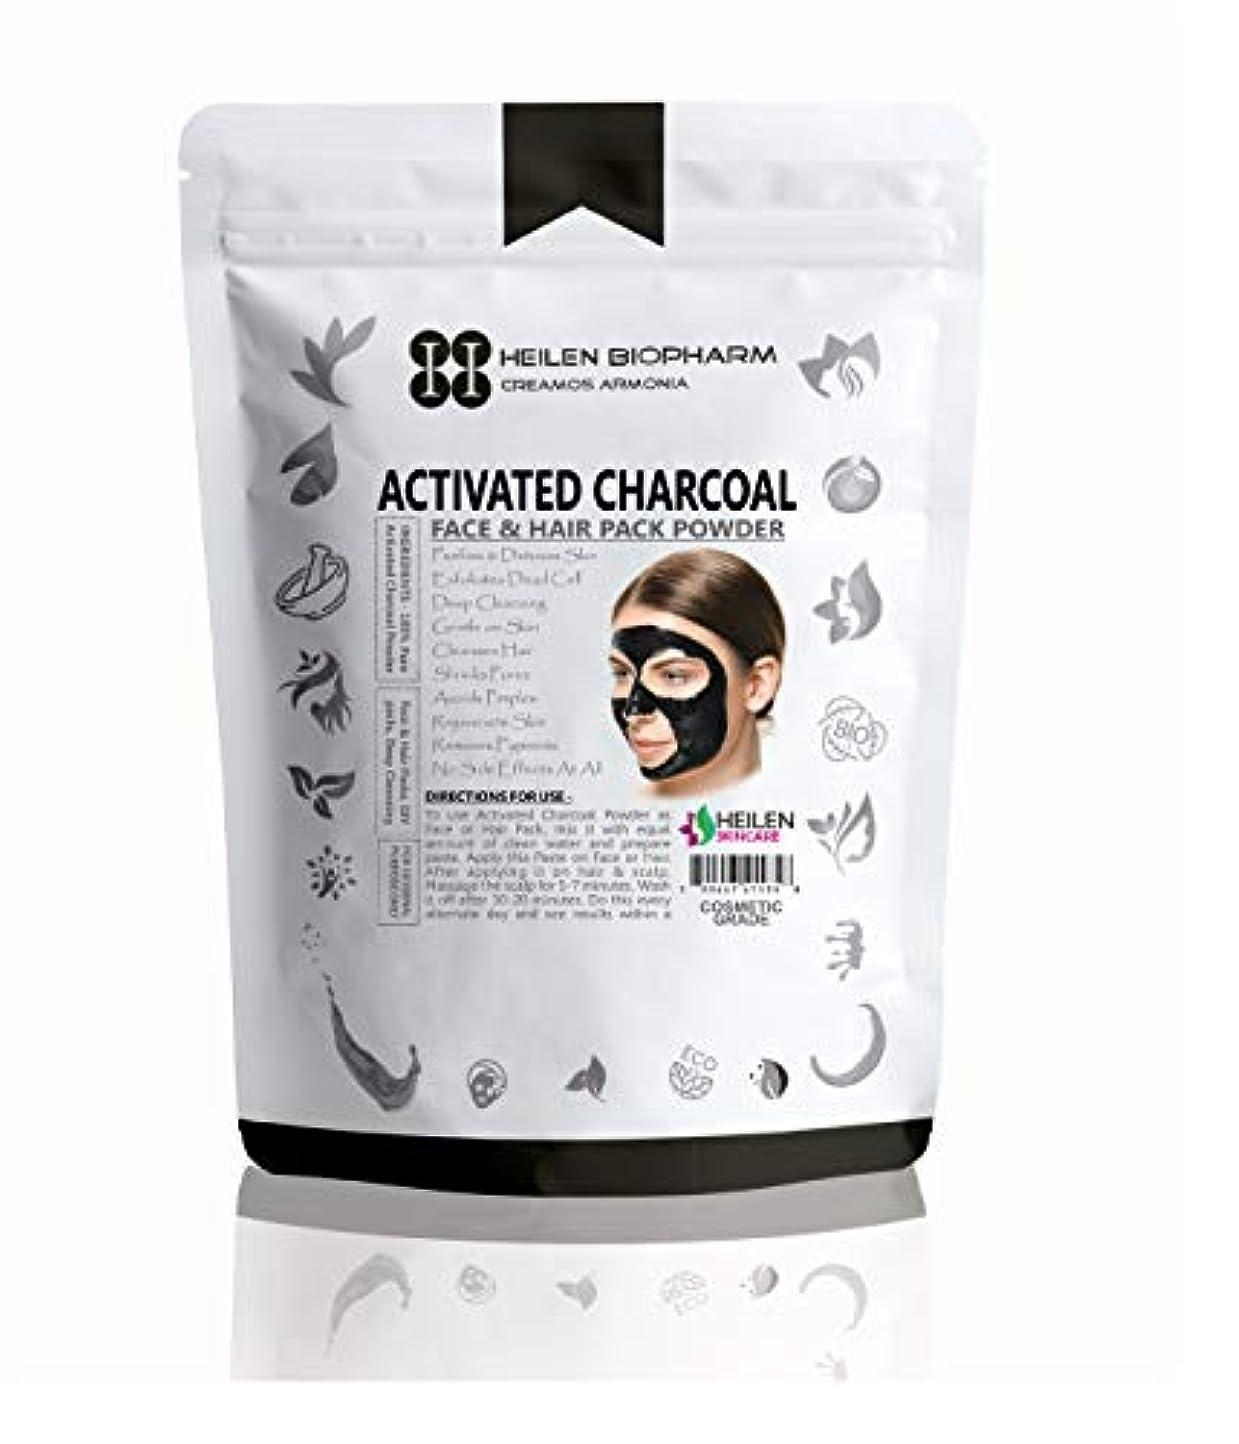 サービス作り解釈活性化チャコールパウダー(フェイスパック用)(Activated Charcoal Powder for Face Pack) (200 gm / 7 oz / 0.44 lb)